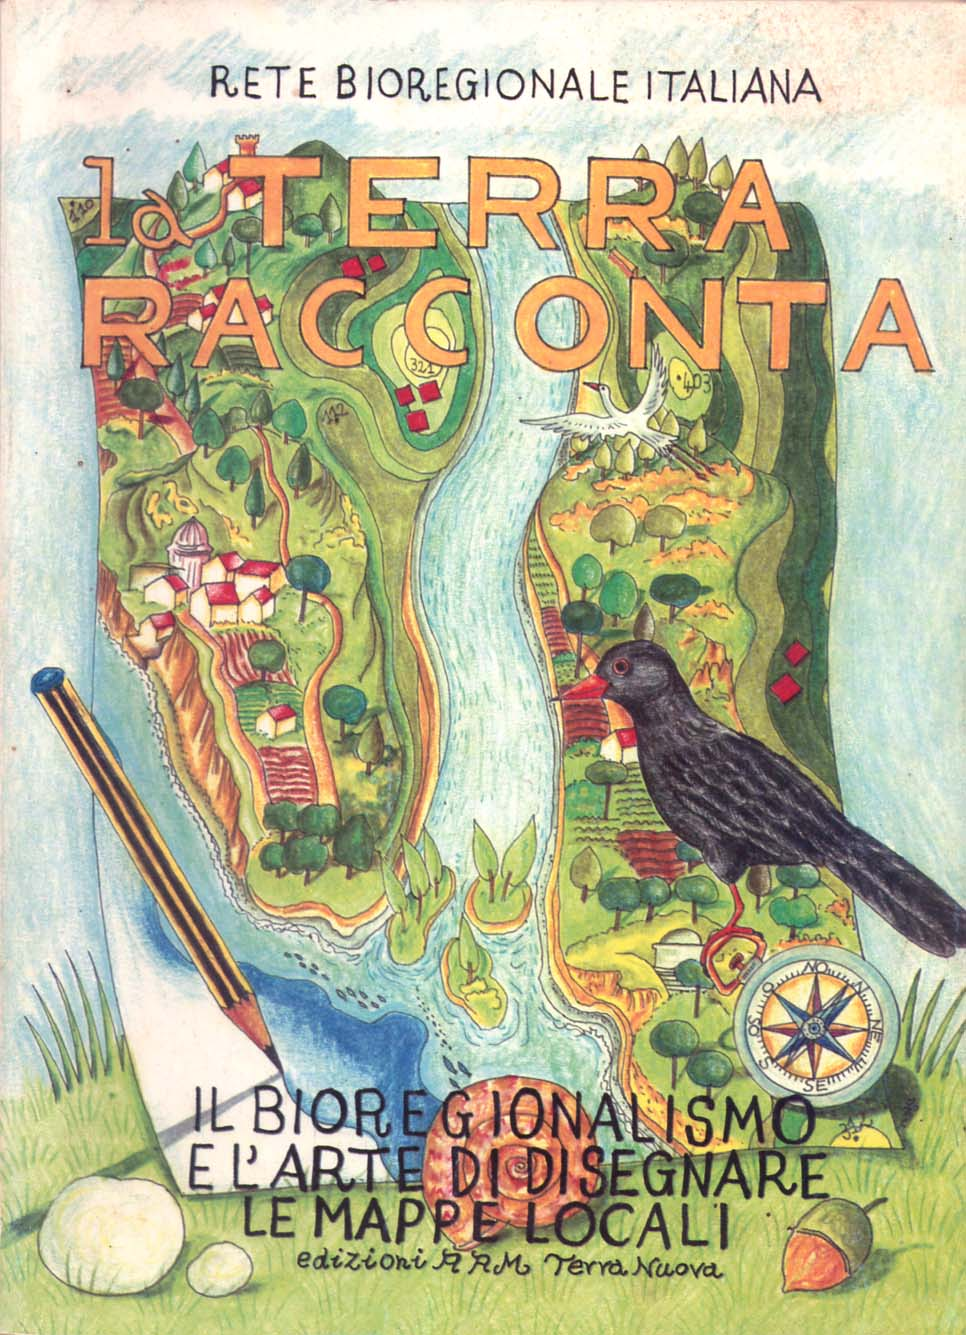 Risultati immagini per bioregionalismo no alle regioni si alle province paolo d'arpini